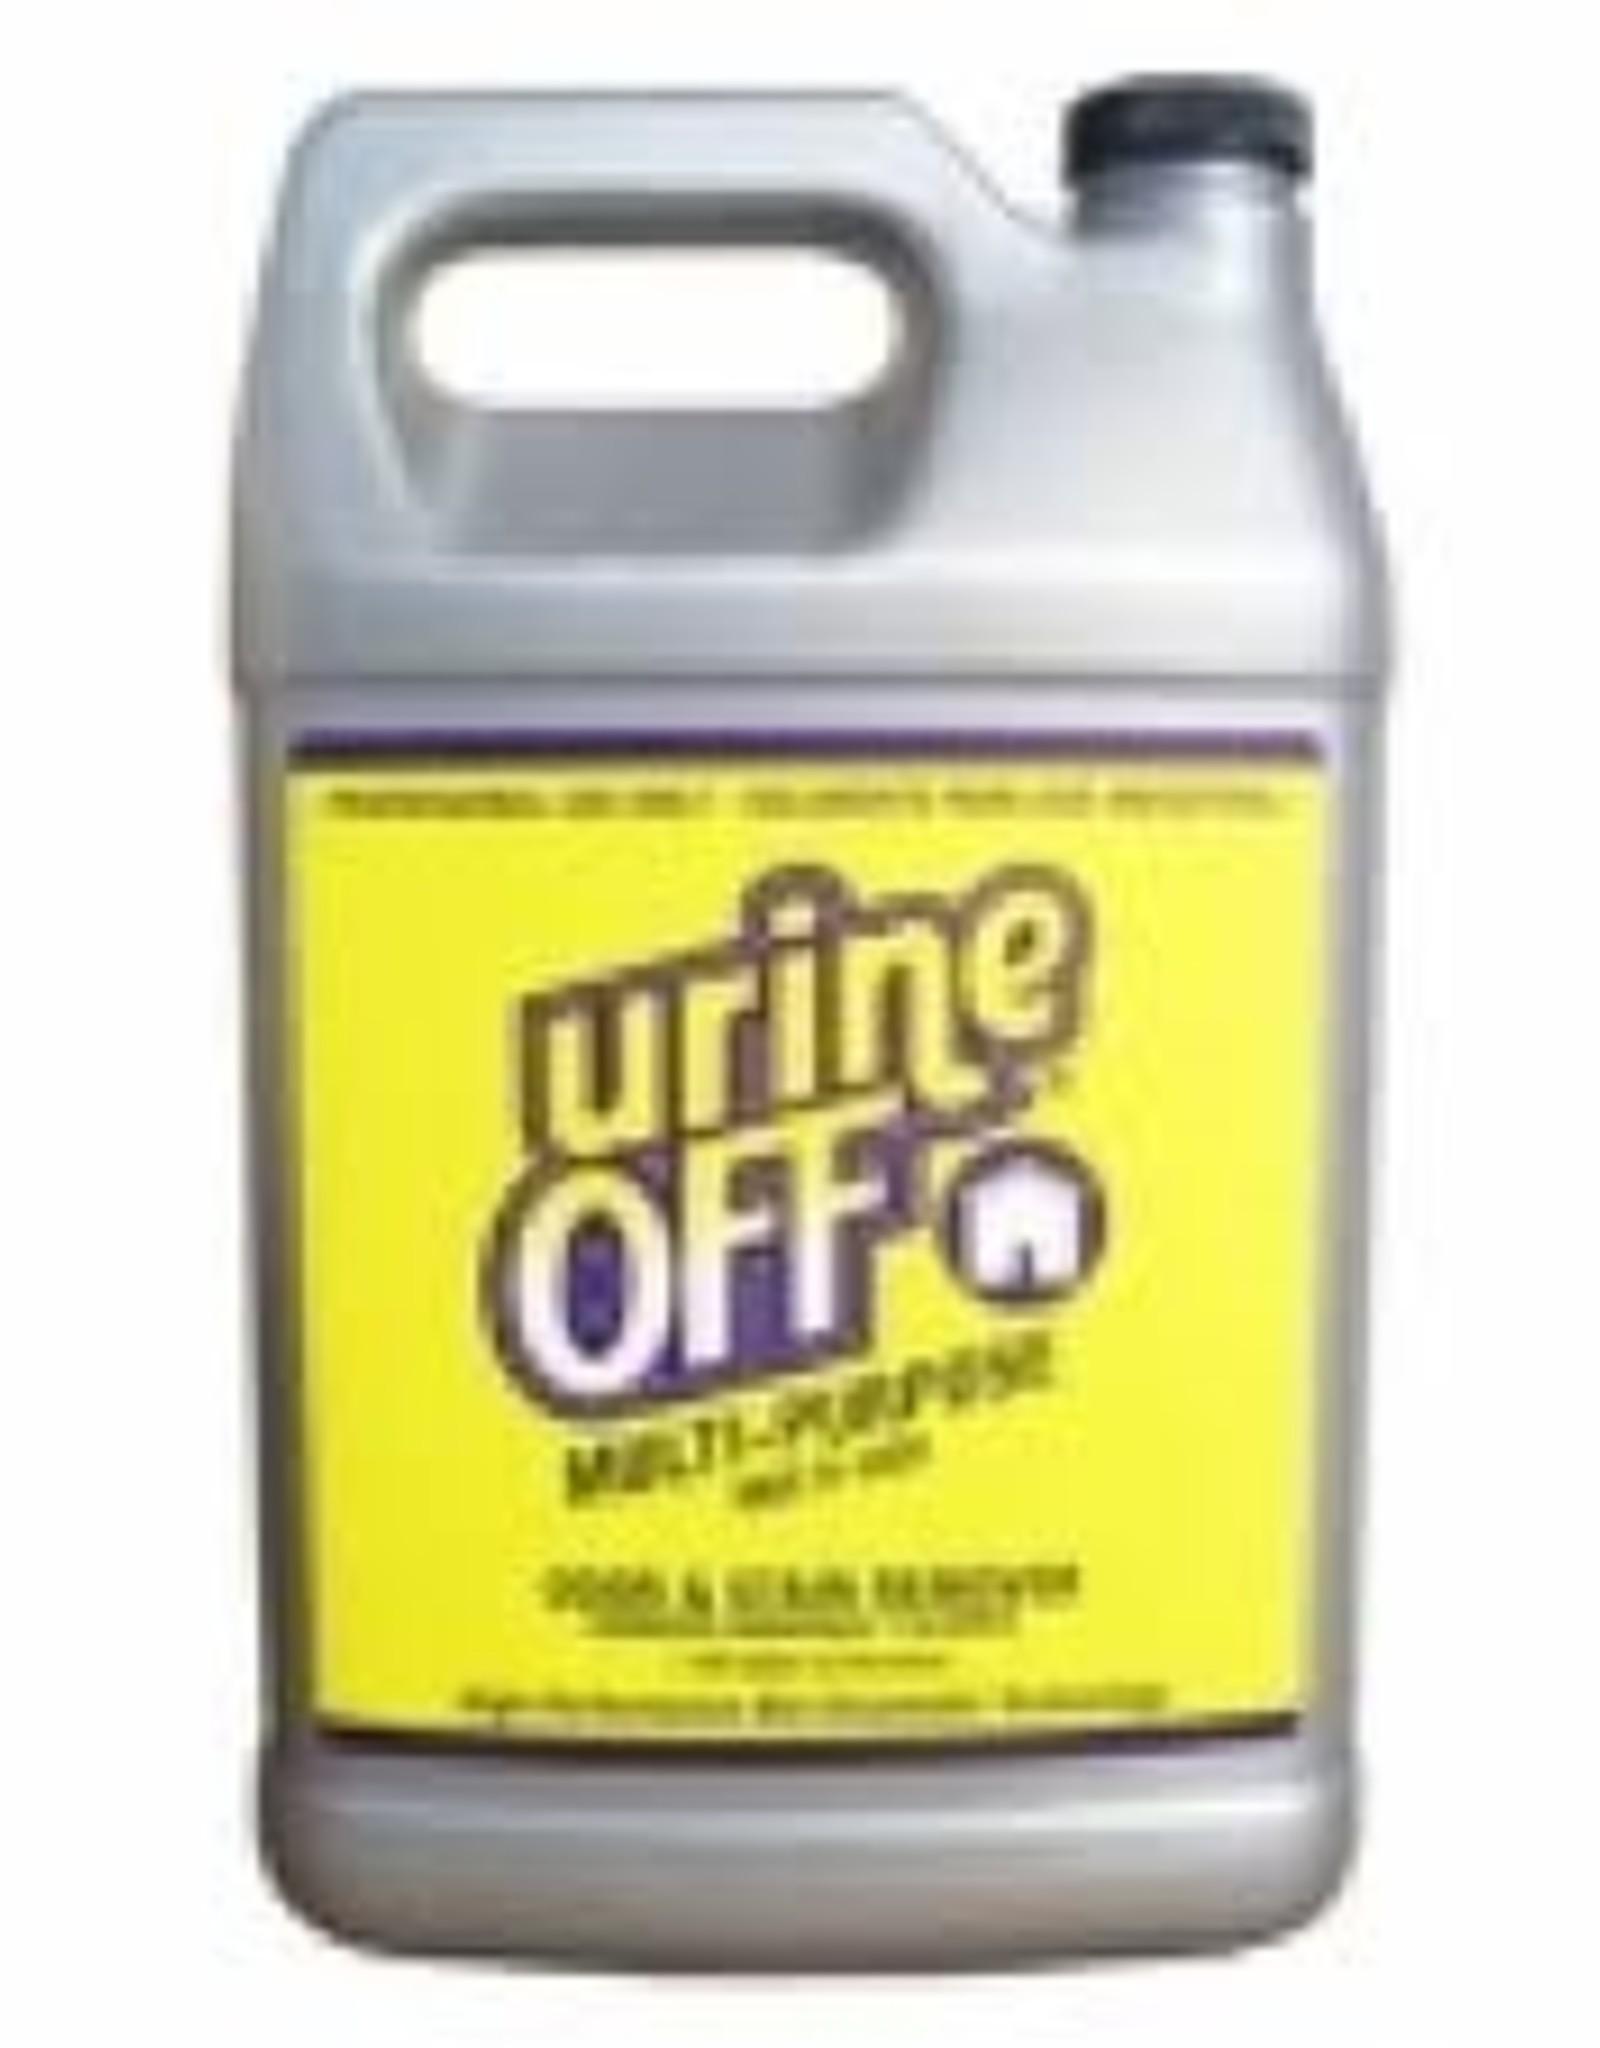 Urine Off - Multi Purpose - Can 3.8 Litre